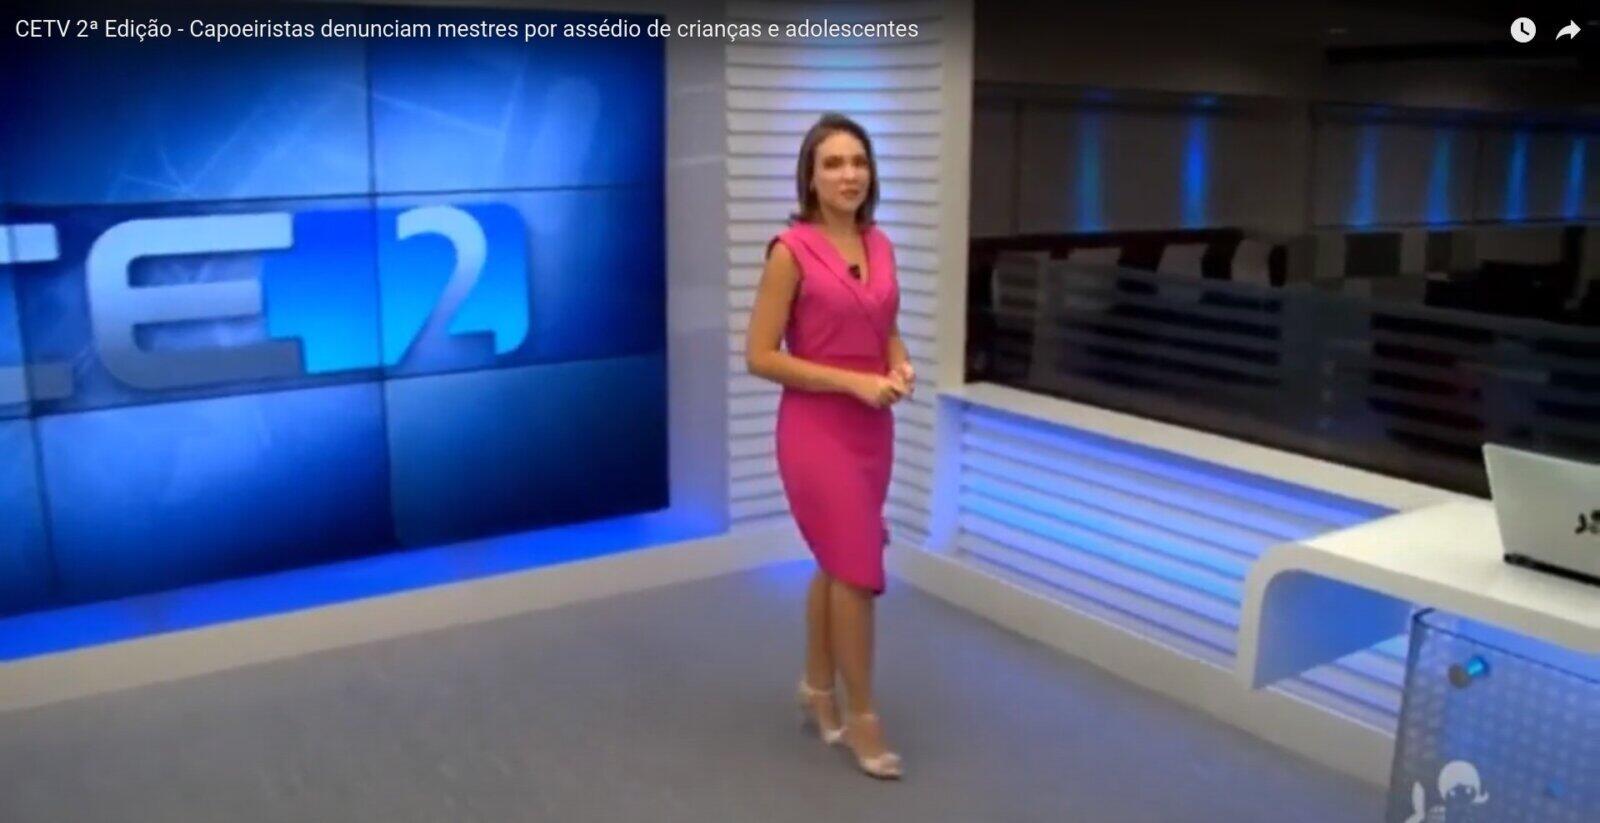 Portal Capoeira TV Globo - CETV: Capoeiristas denunciam mestres por assédio de crianças e adolescentes Notícias - Atualidades